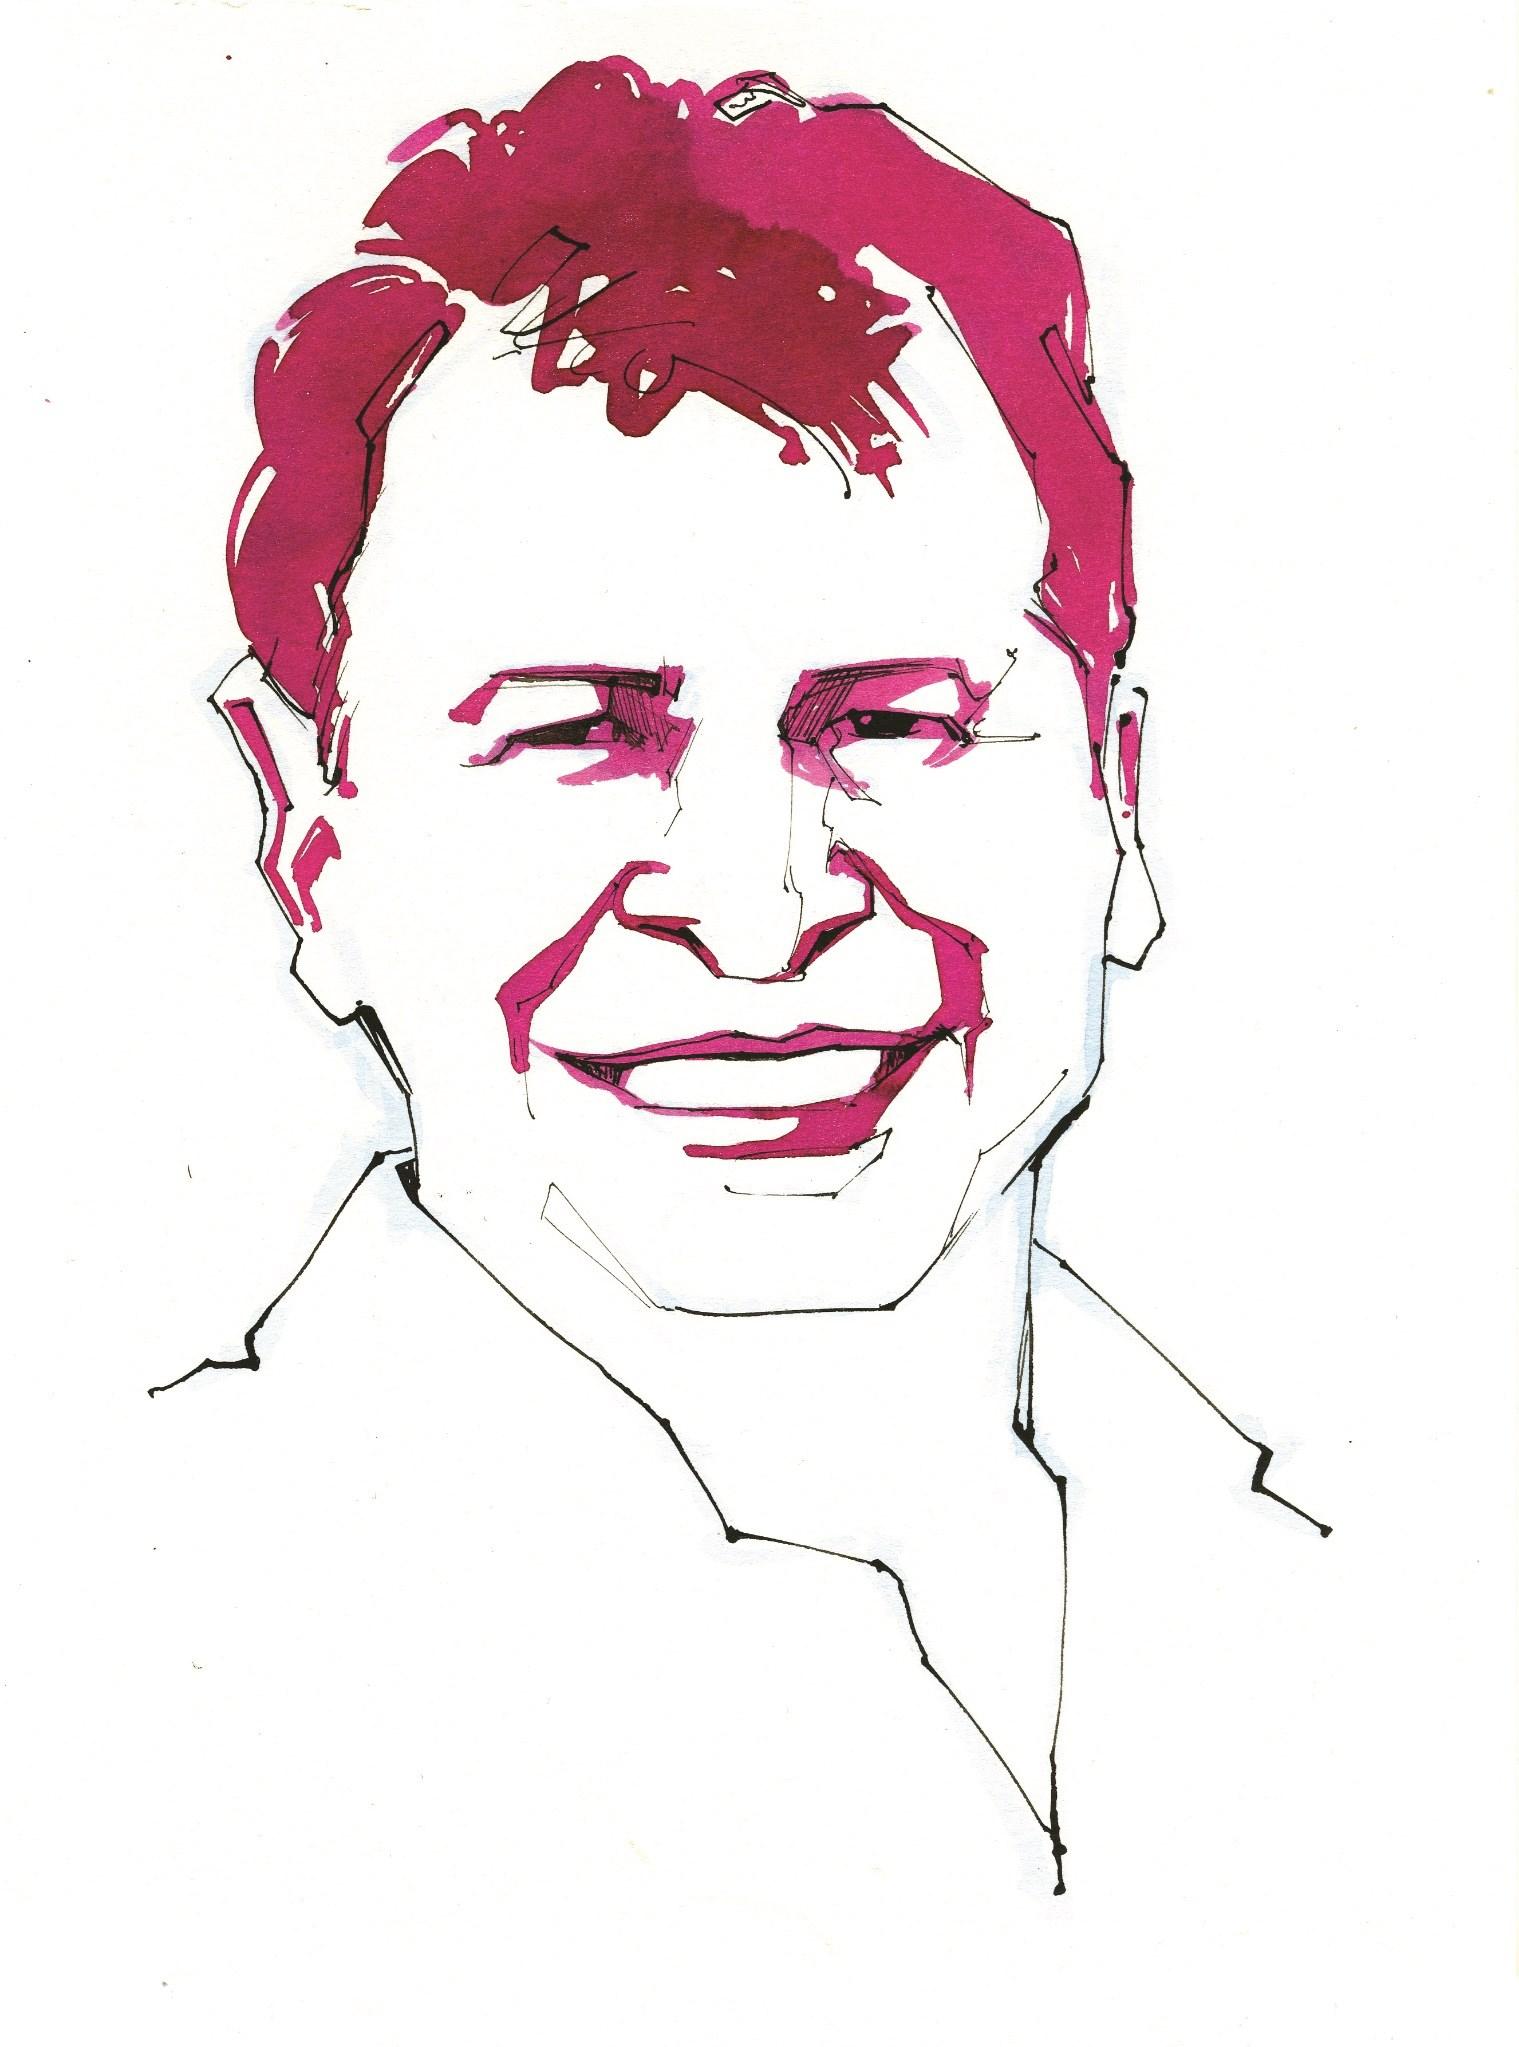 Rob Royea